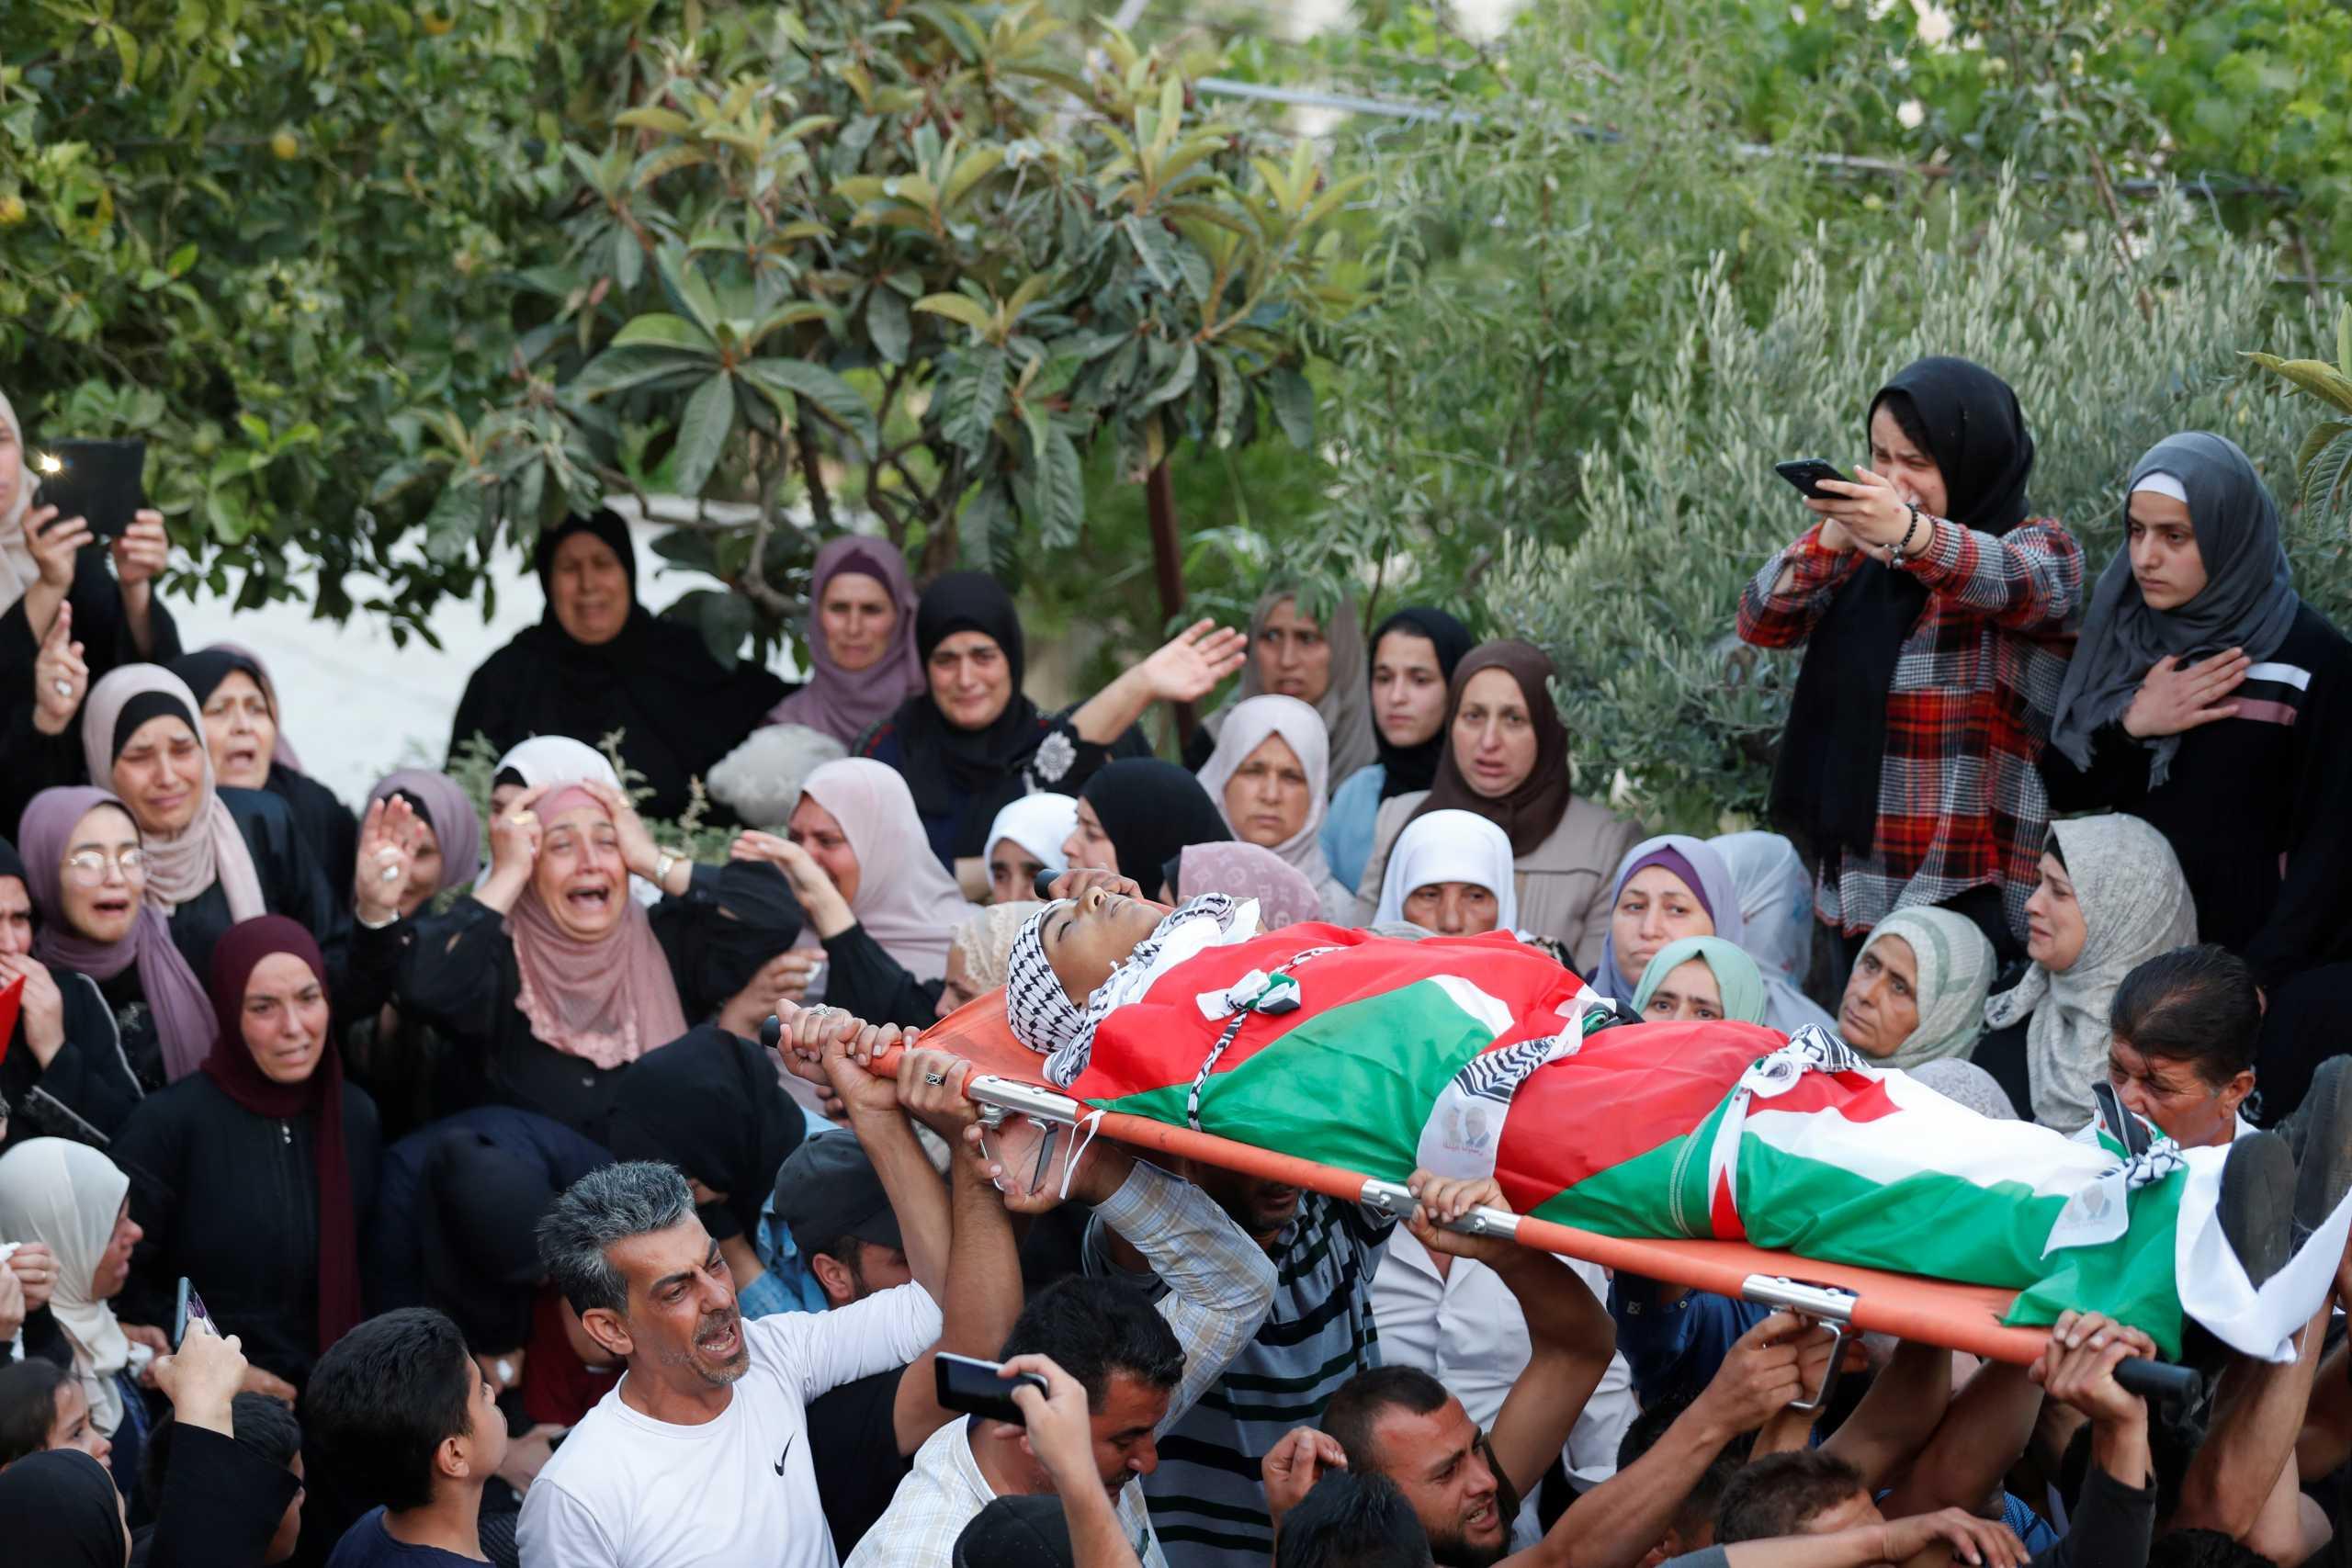 Παλαιστίνη: 15χρονος νεκρός από ισραηλινά πυρά στη Δυτική Όχθη